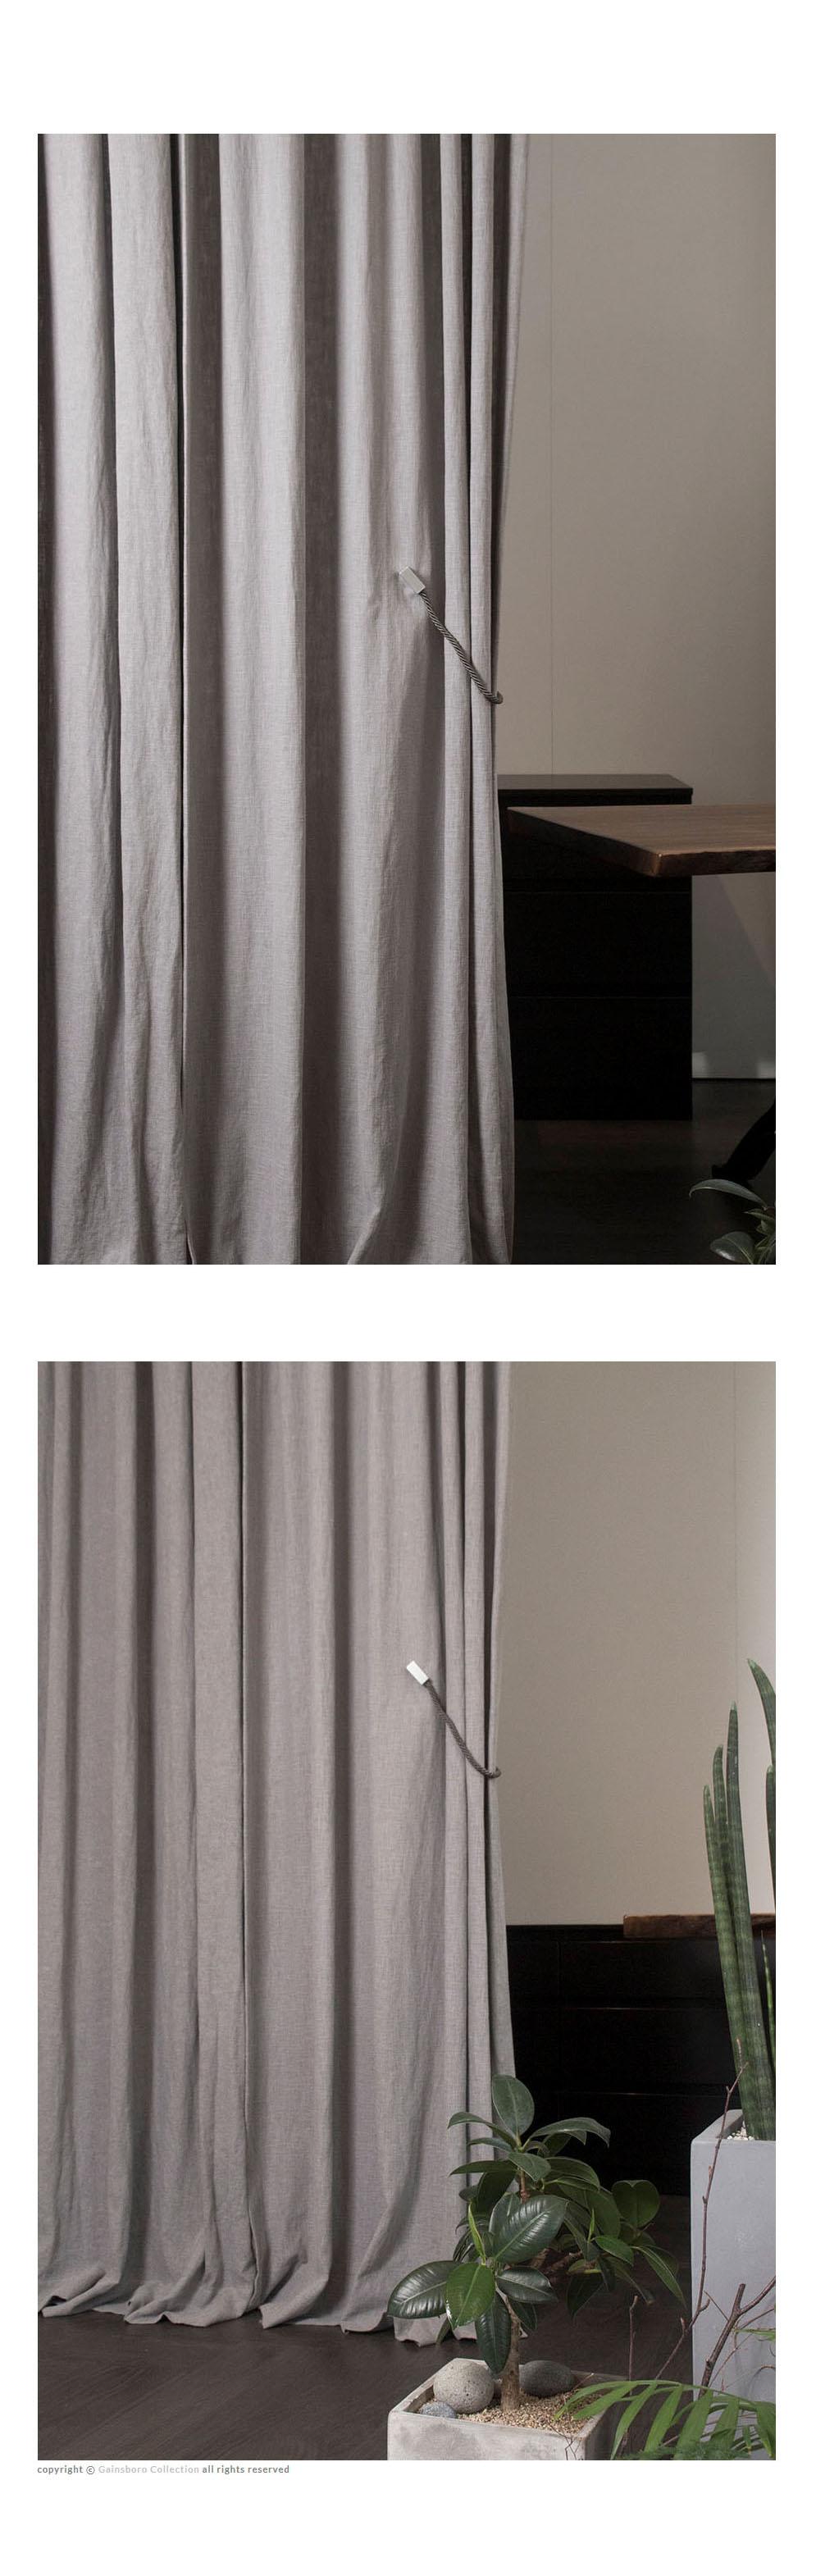 내추럴 베이직 린넨 커튼 - 게인스보로컬렉션, 115,000원, 일반커튼, 무지/솔리드